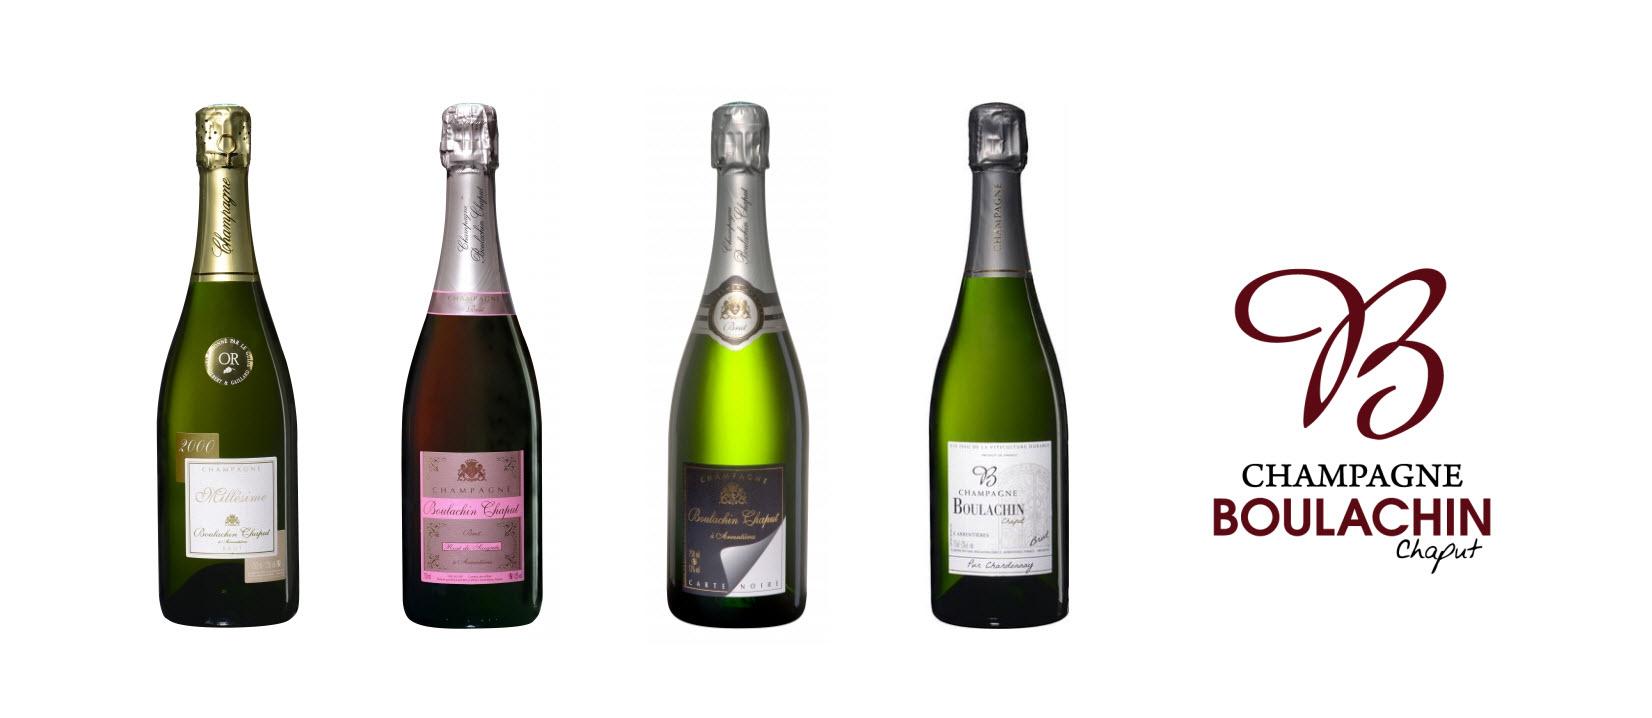 Champagne Boulachin-Chaput